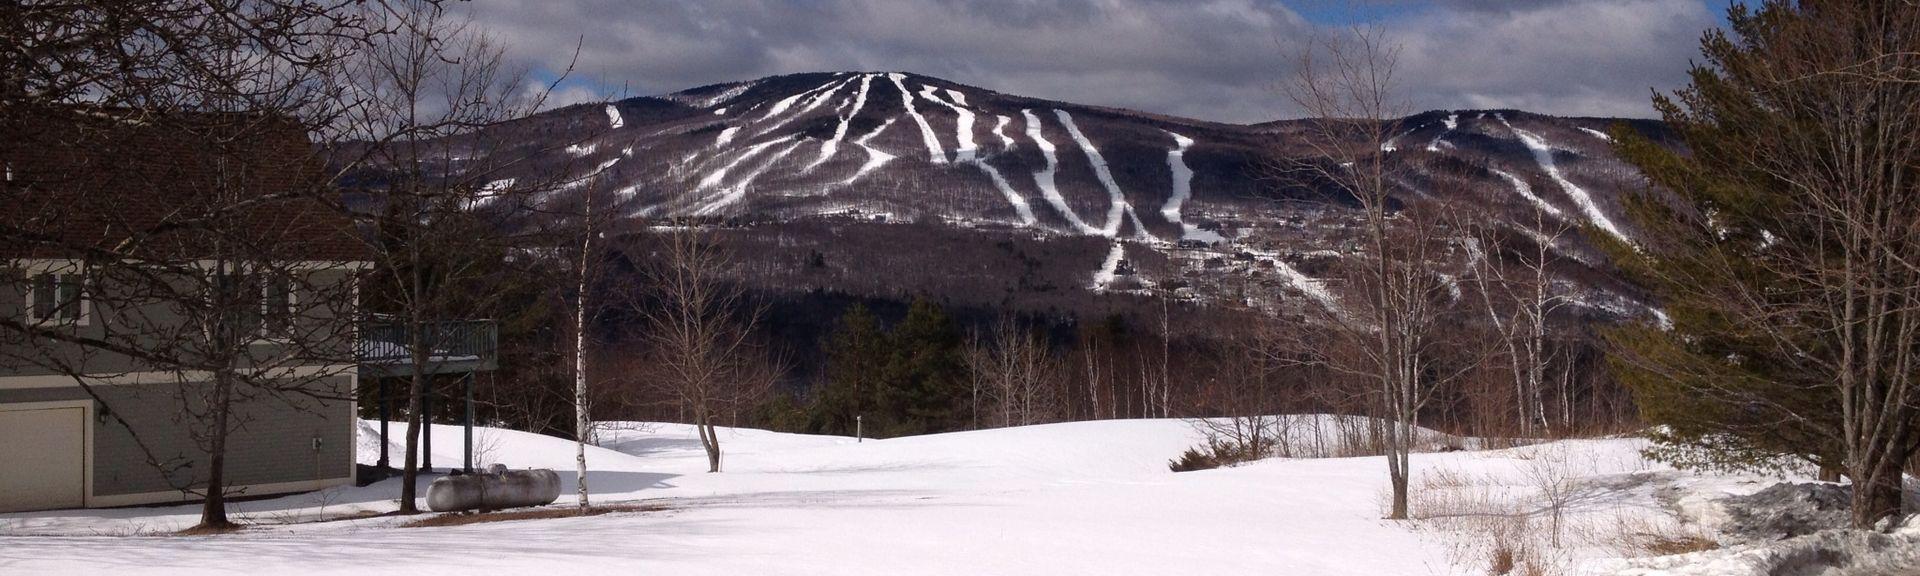 Proctorsville, Cavendish, Vermont, Verenigde Staten